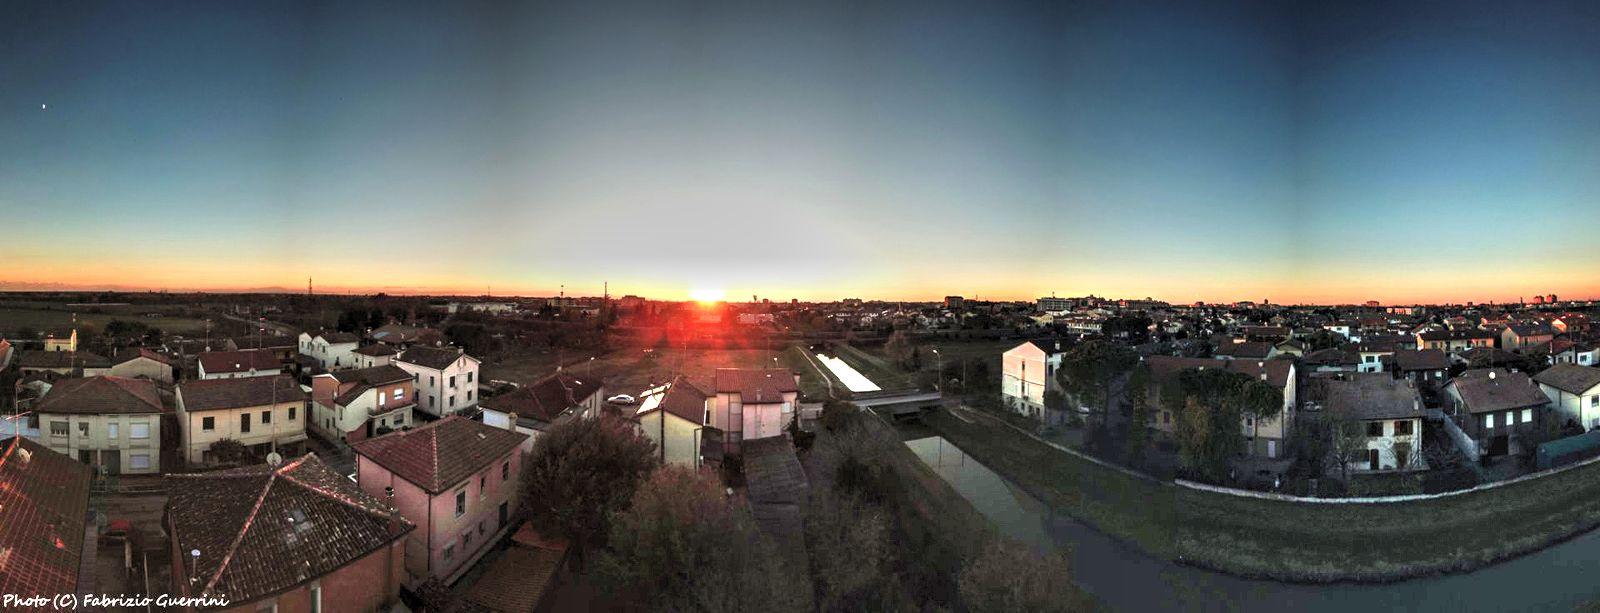 Panoramic sunset over Ravenna